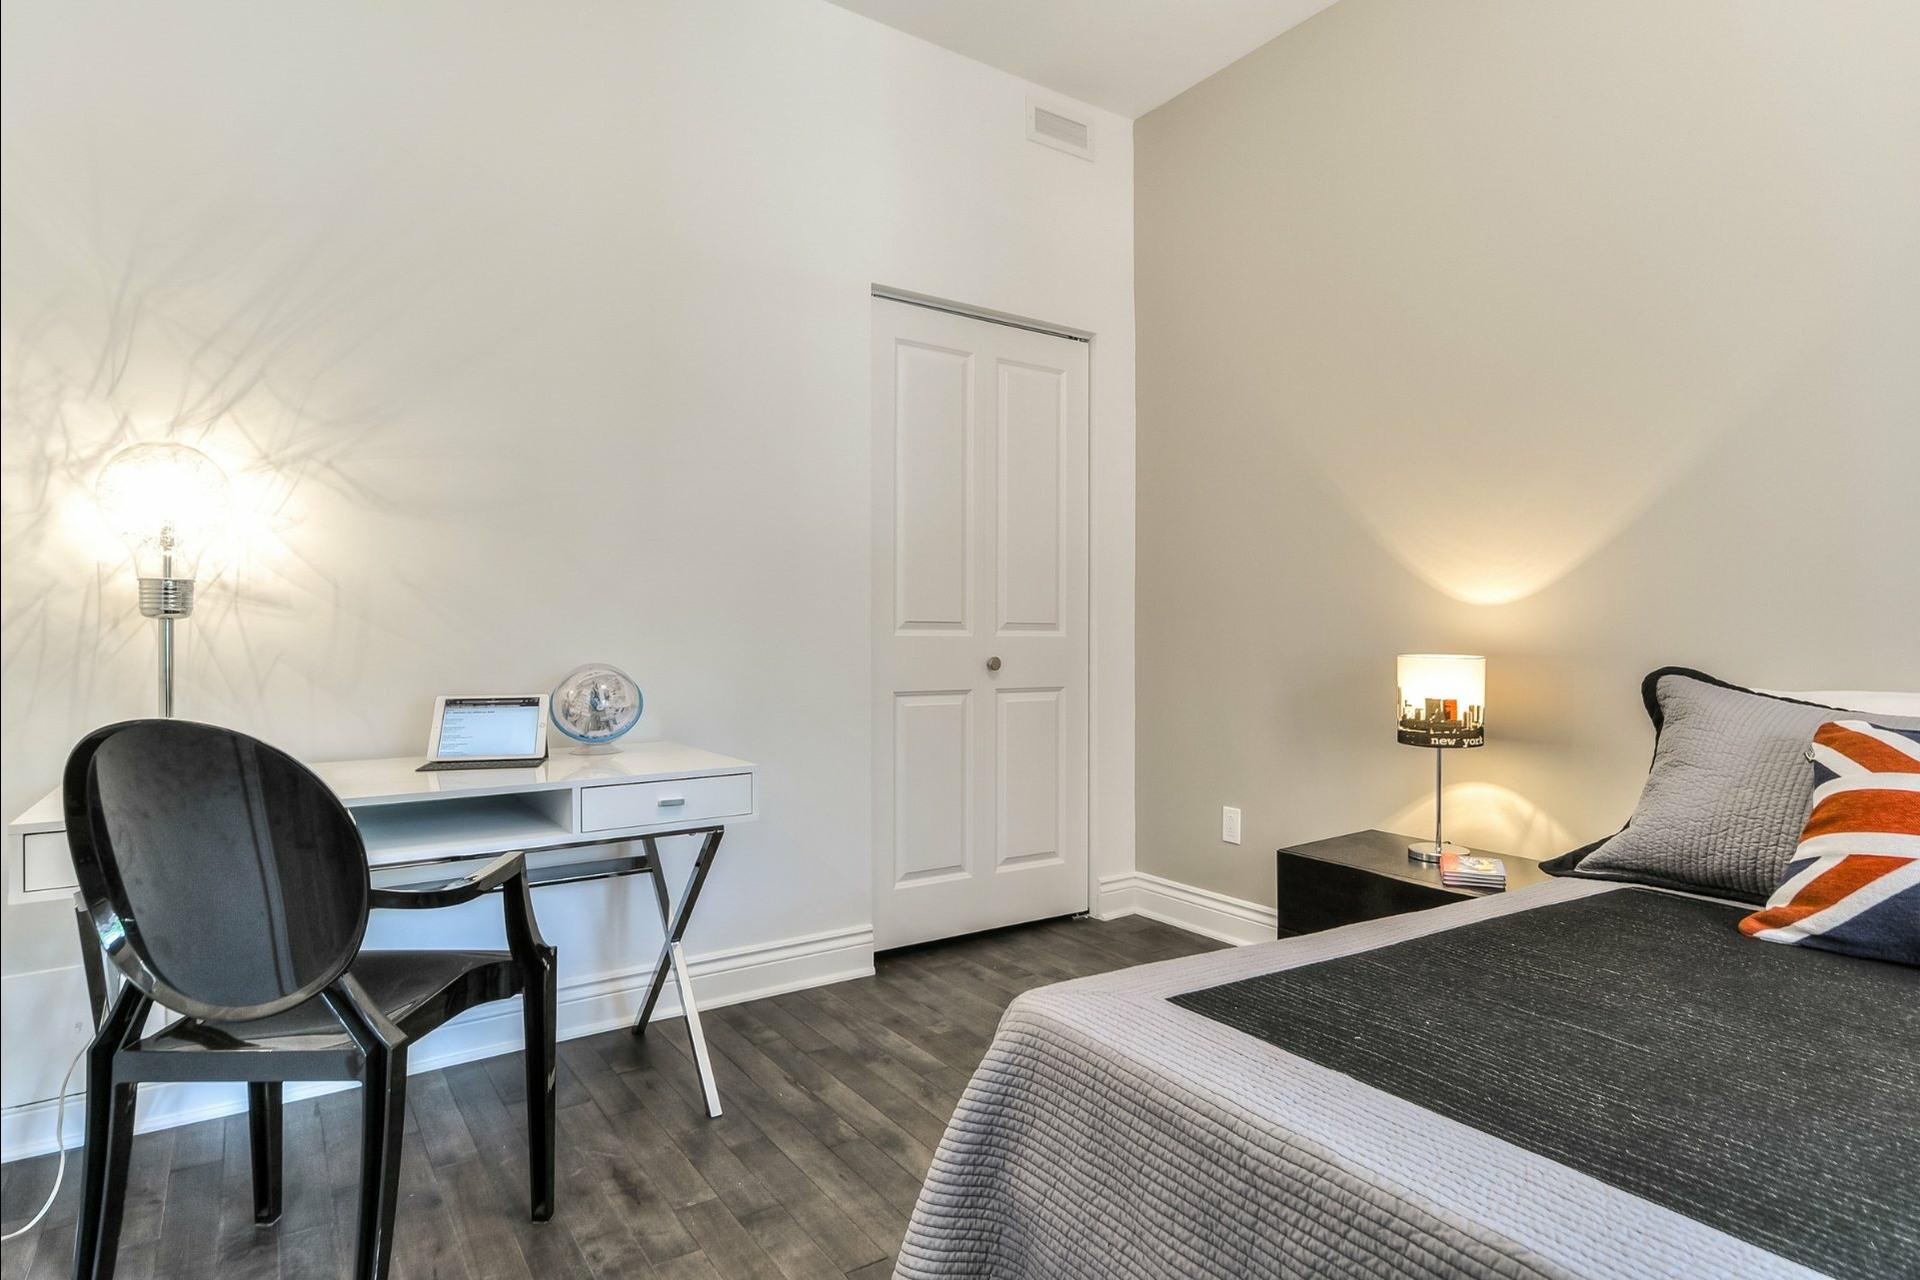 image 20 - Appartement À louer Montréal Le Plateau-Mont-Royal  - 7 pièces